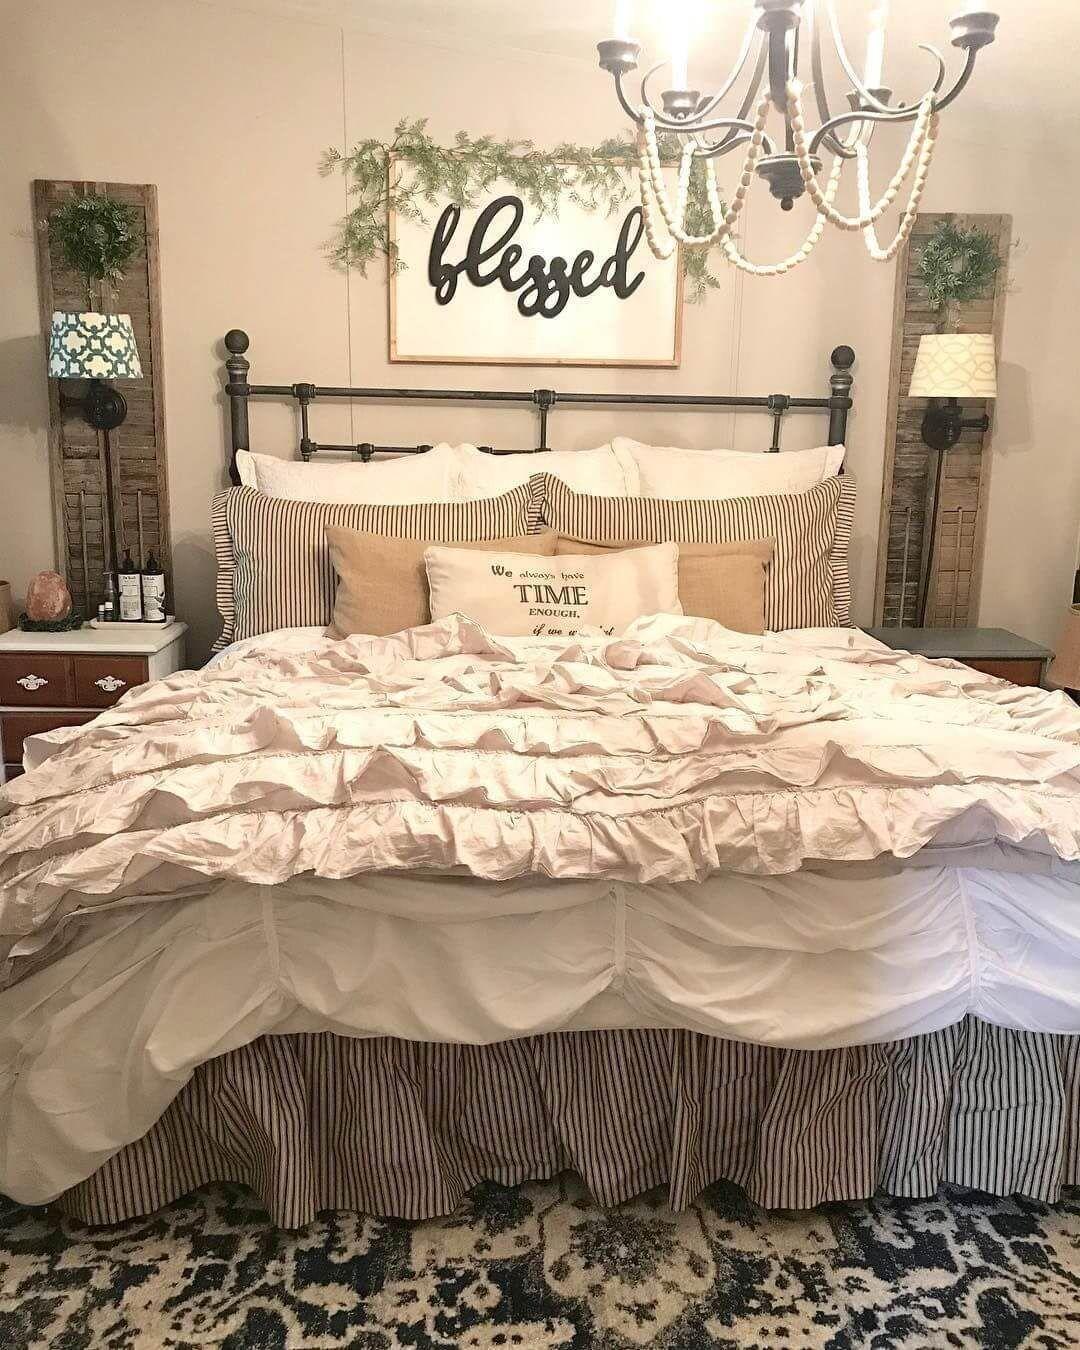 25 Inviting And Cozy Farmhouse Bedroom (The Visual Treats) - A4